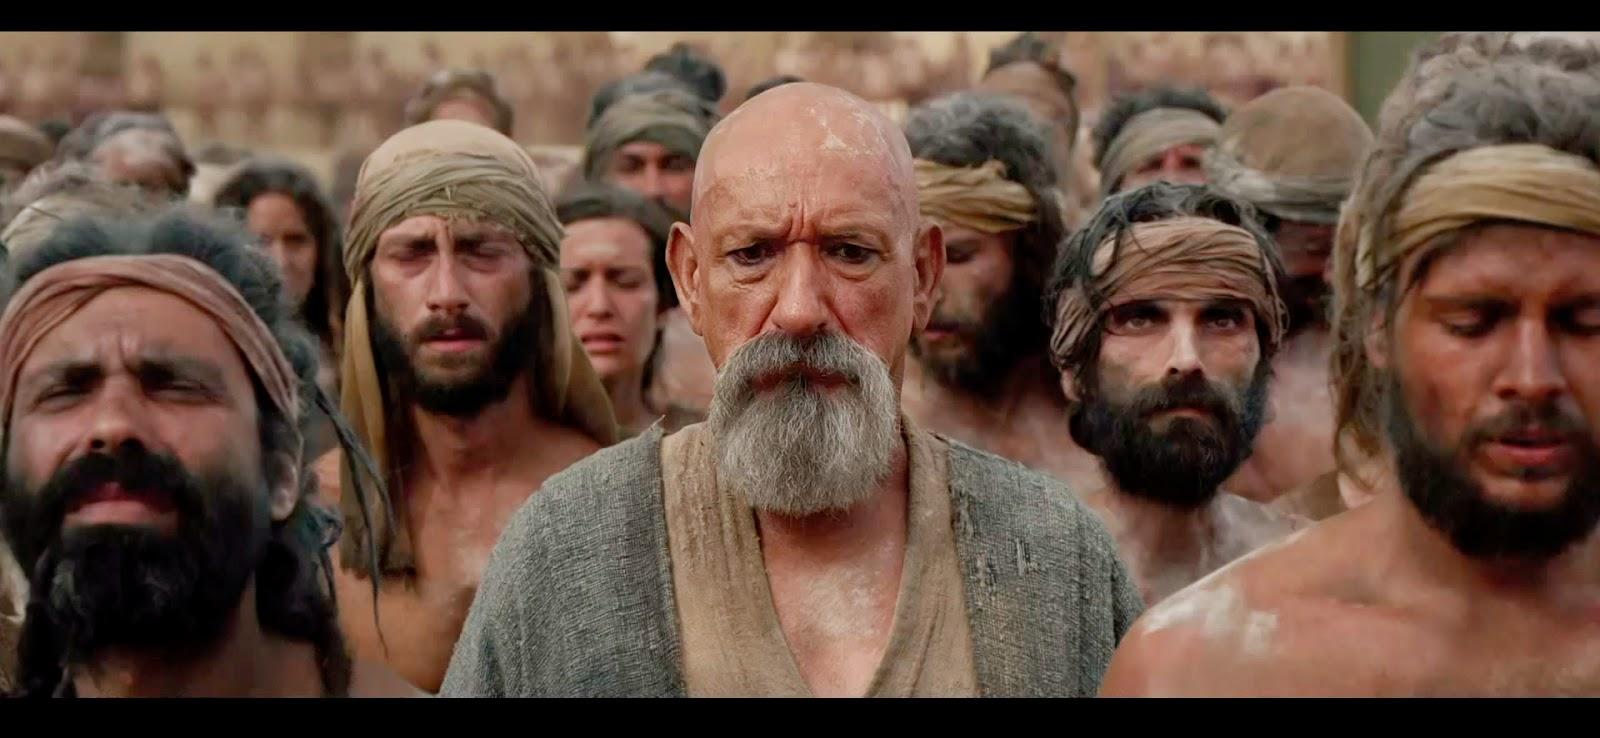 Los hebreos, un pueblo maltratado durante más de 400 años.